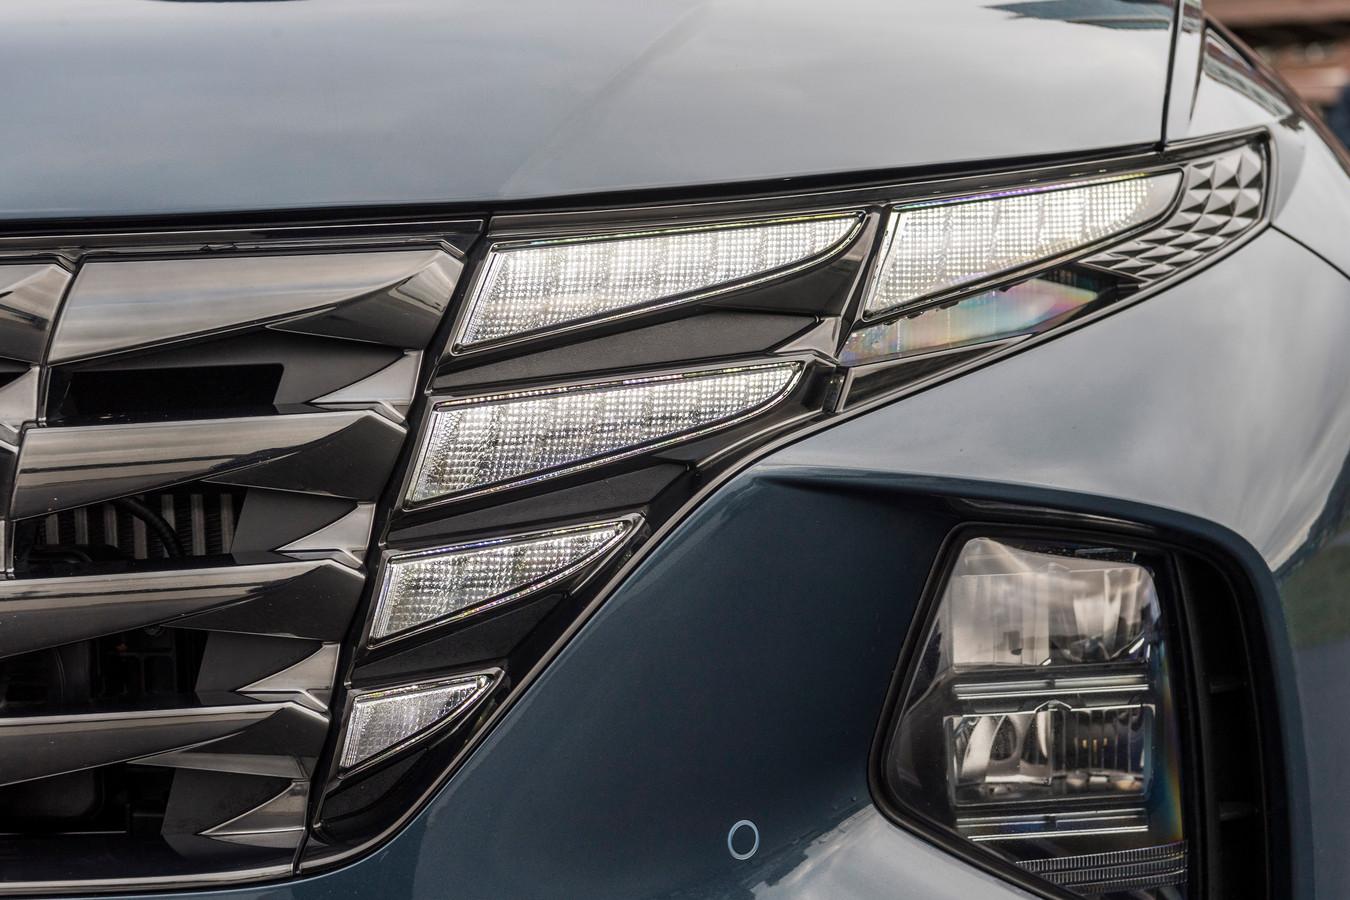 Vindingrijk en opvallend: op het eerste gezicht loopt de (niet verlichte) grille loopt door in de koplampen. De vijf rechter elementen branden als dagrijverlichting